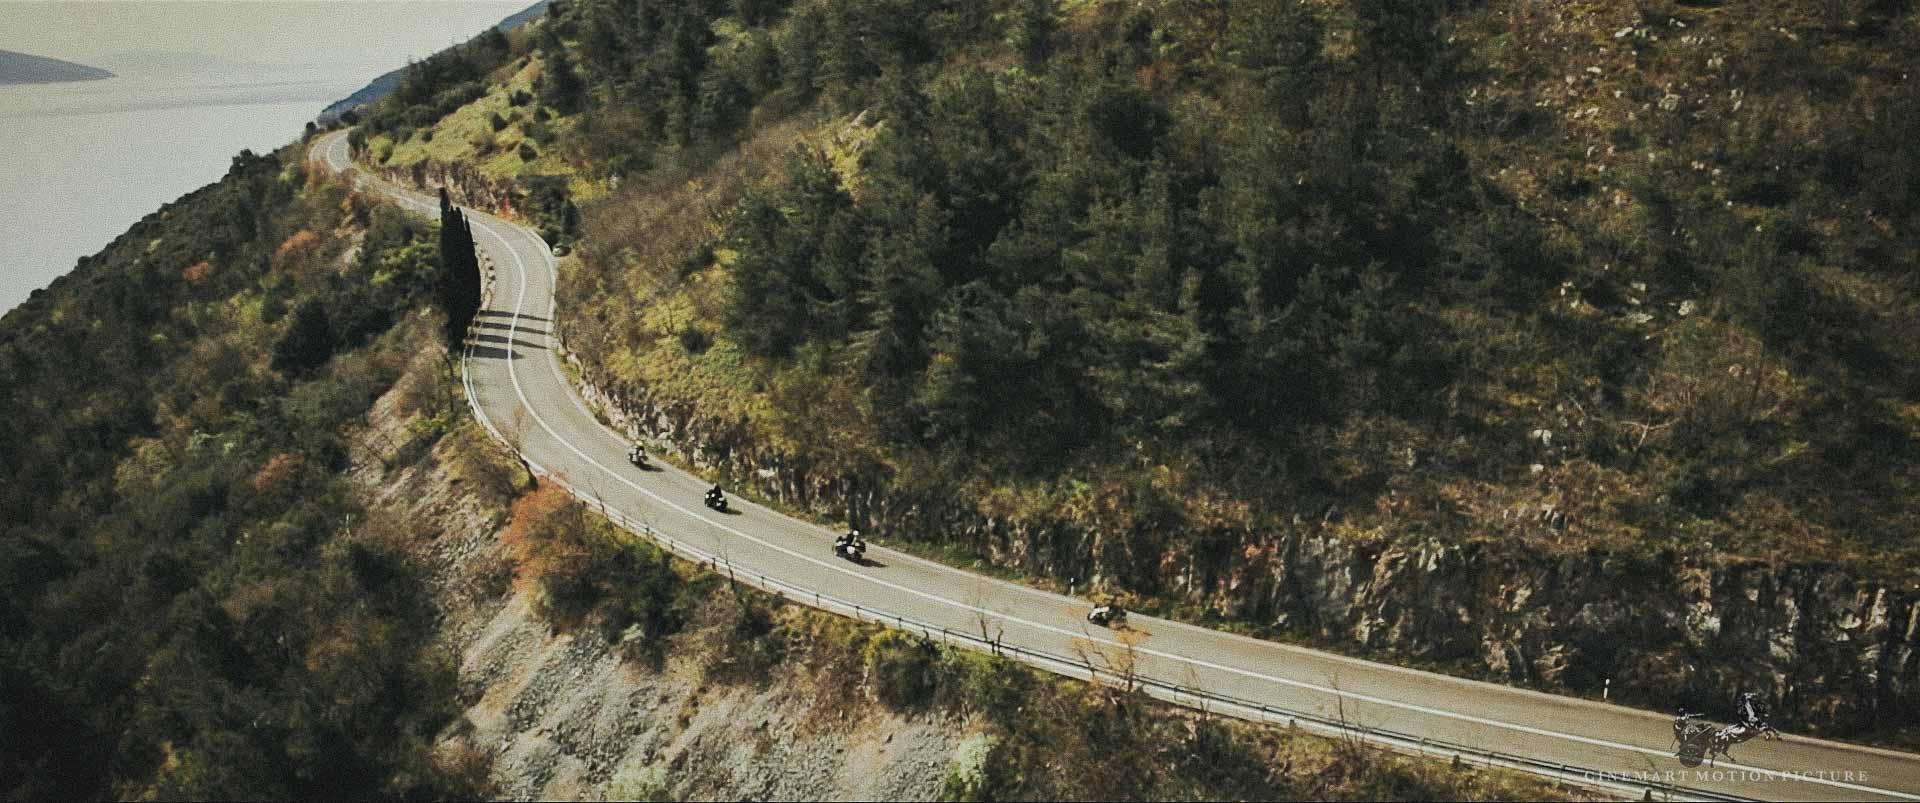 Roads_14